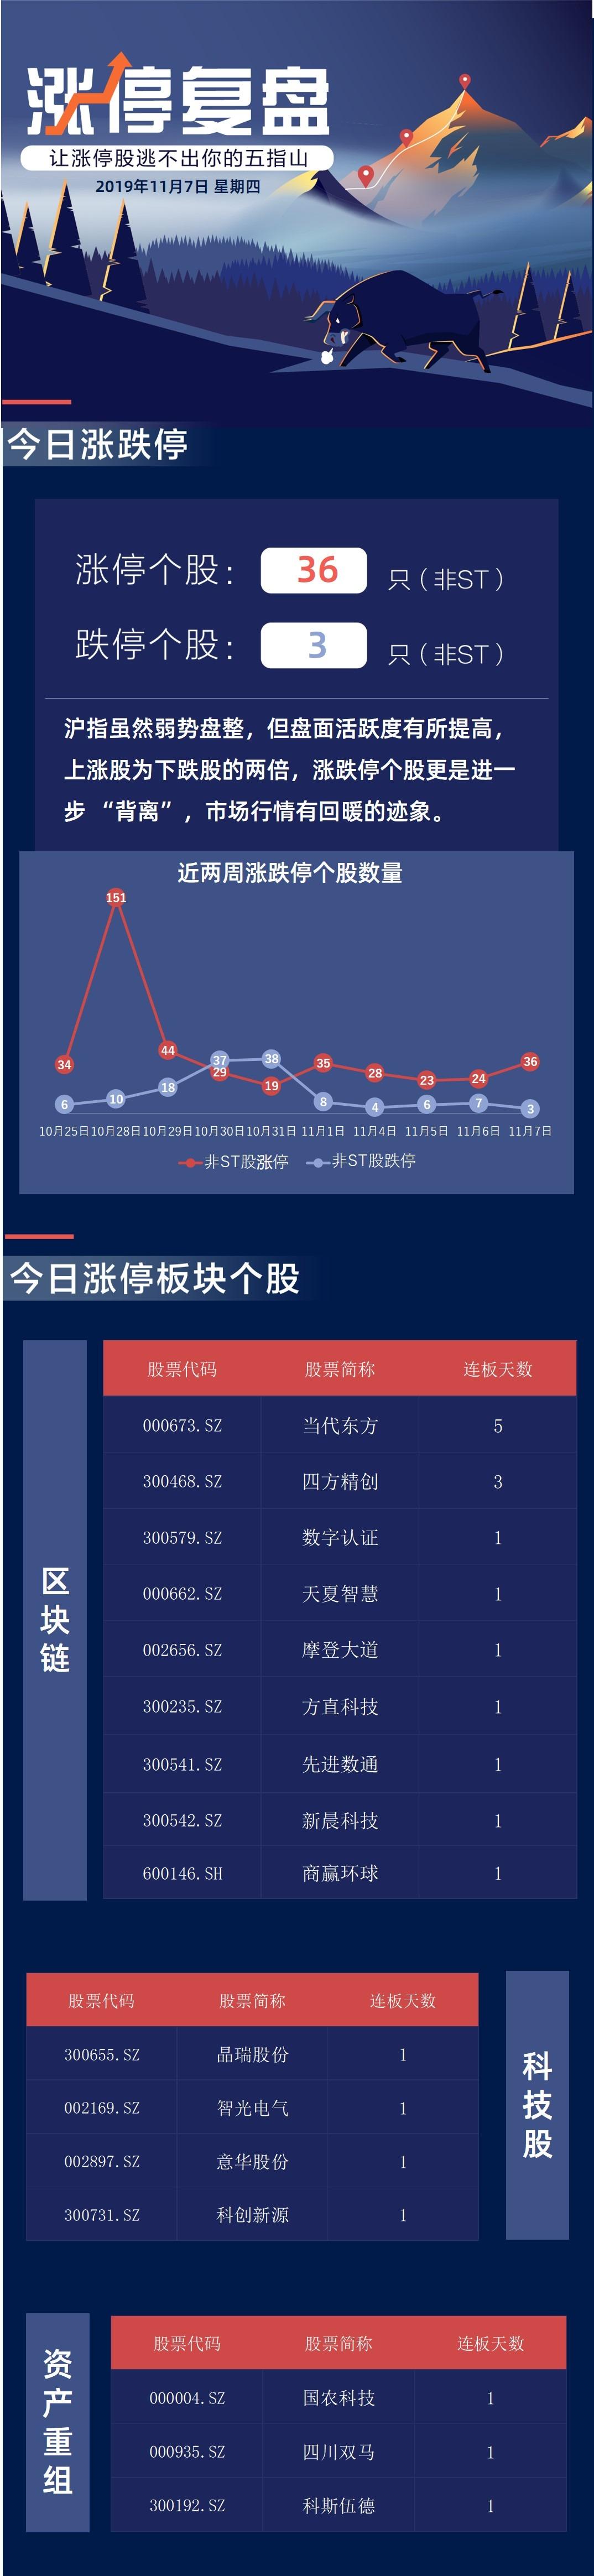 万博app怎么进不去了_许小年:美国3家车厂而中国70多家 要提高行业集中度